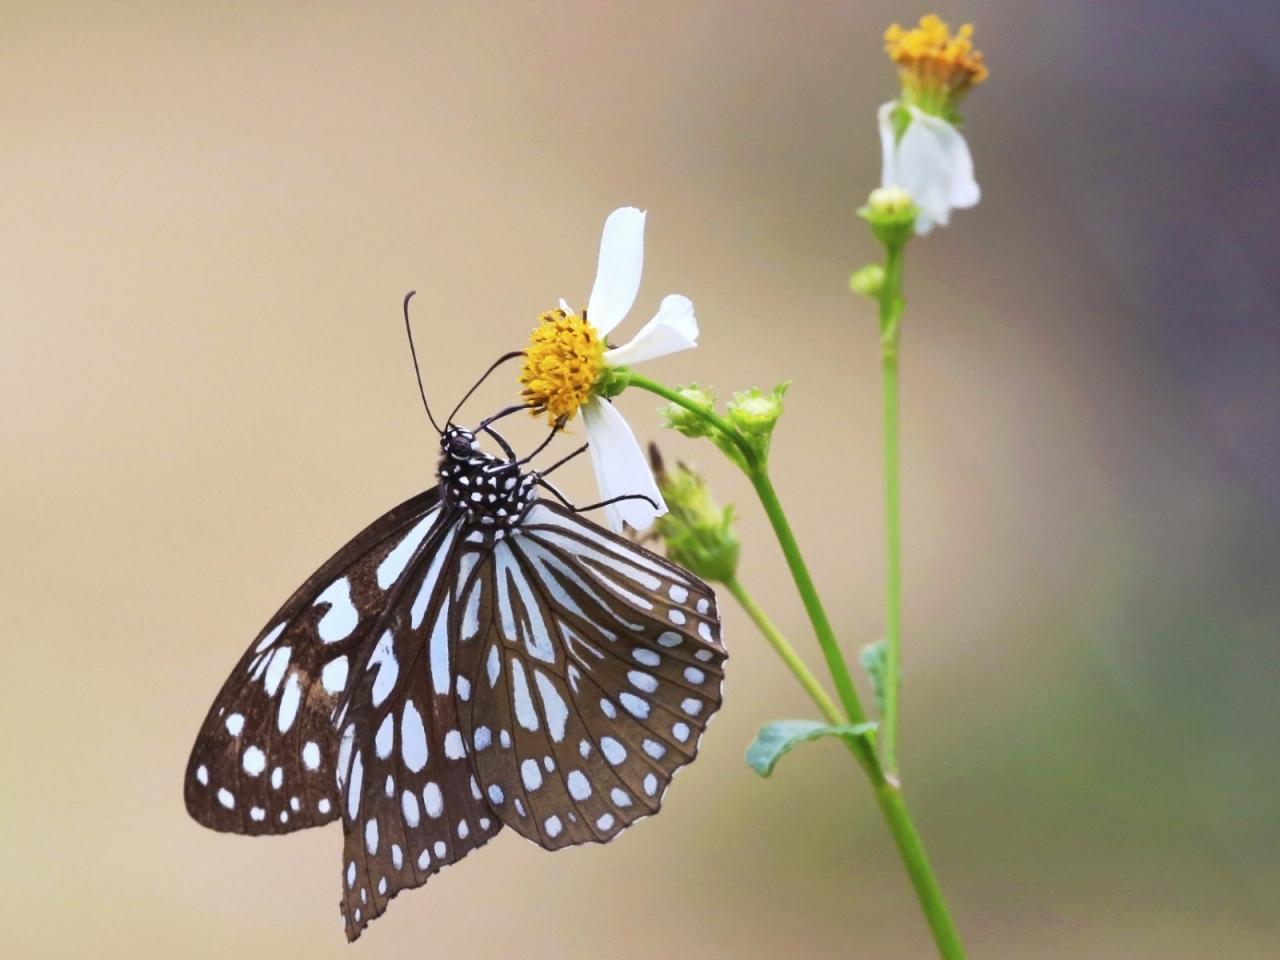 Mariposa y una flor - 1280x960